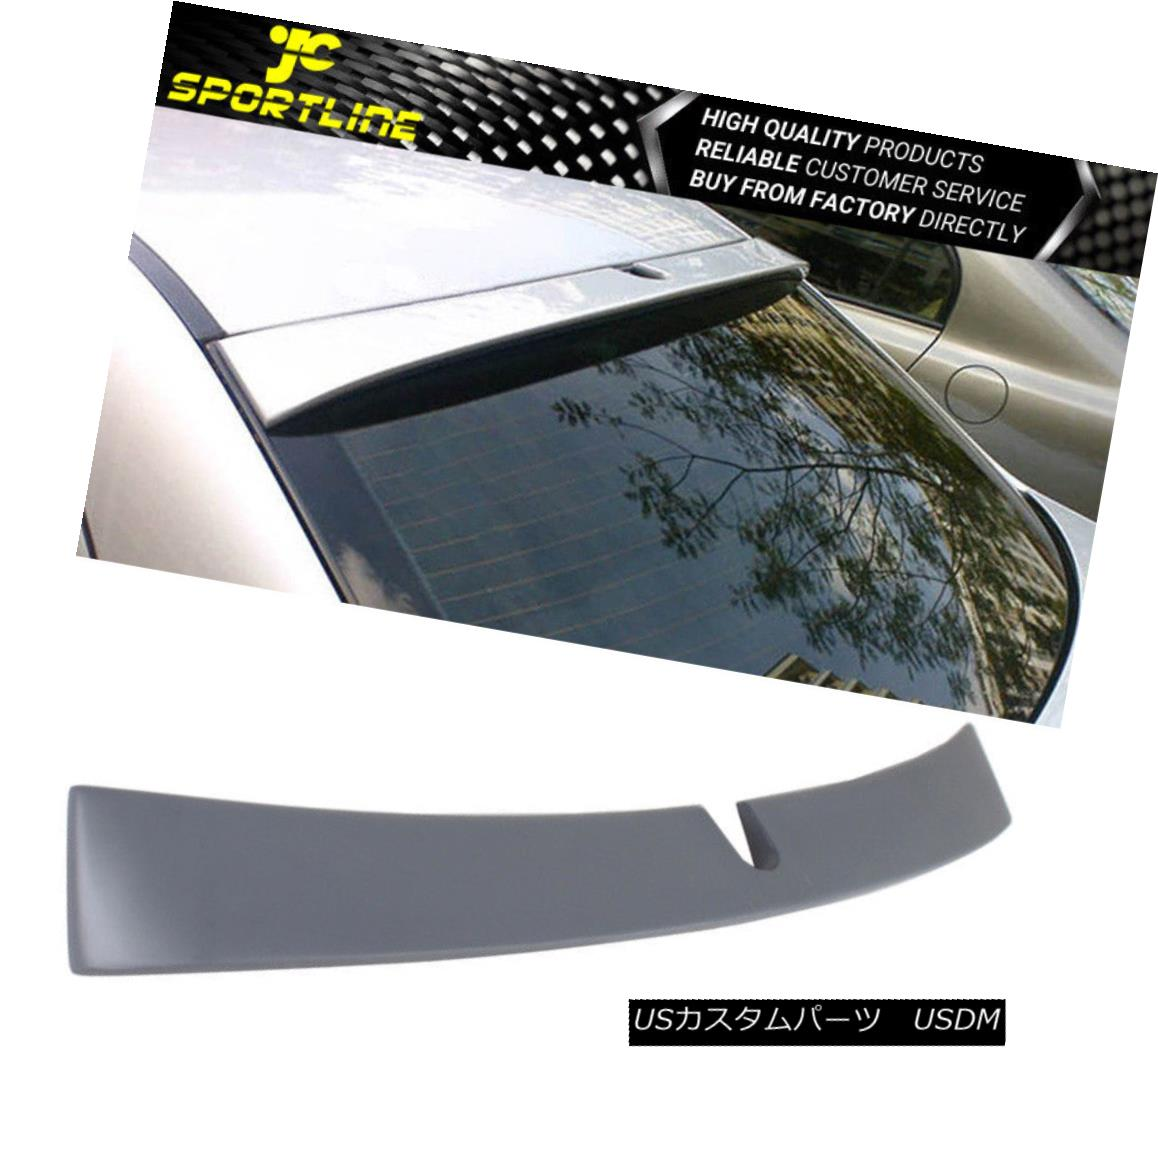 エアロパーツ Fits 01-07 Benz C-Class W203 Sedan AMG Polyurethane PU Roof Spoiler Wing フィット01-07ベンツCクラスW203セダンAMGポリウレタンPUルーフスポイラーウイング